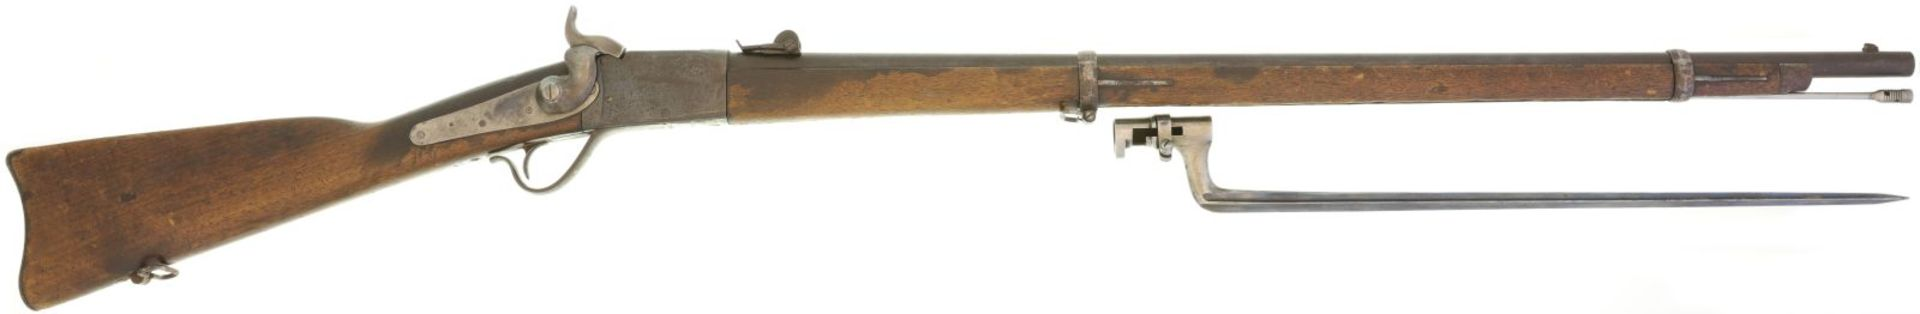 Geniegewehr, Peabody 1867, Kal. 10.4mmRZ@ LL 830mm, TL 1310mm, Blockverschluss, US-Originallauf